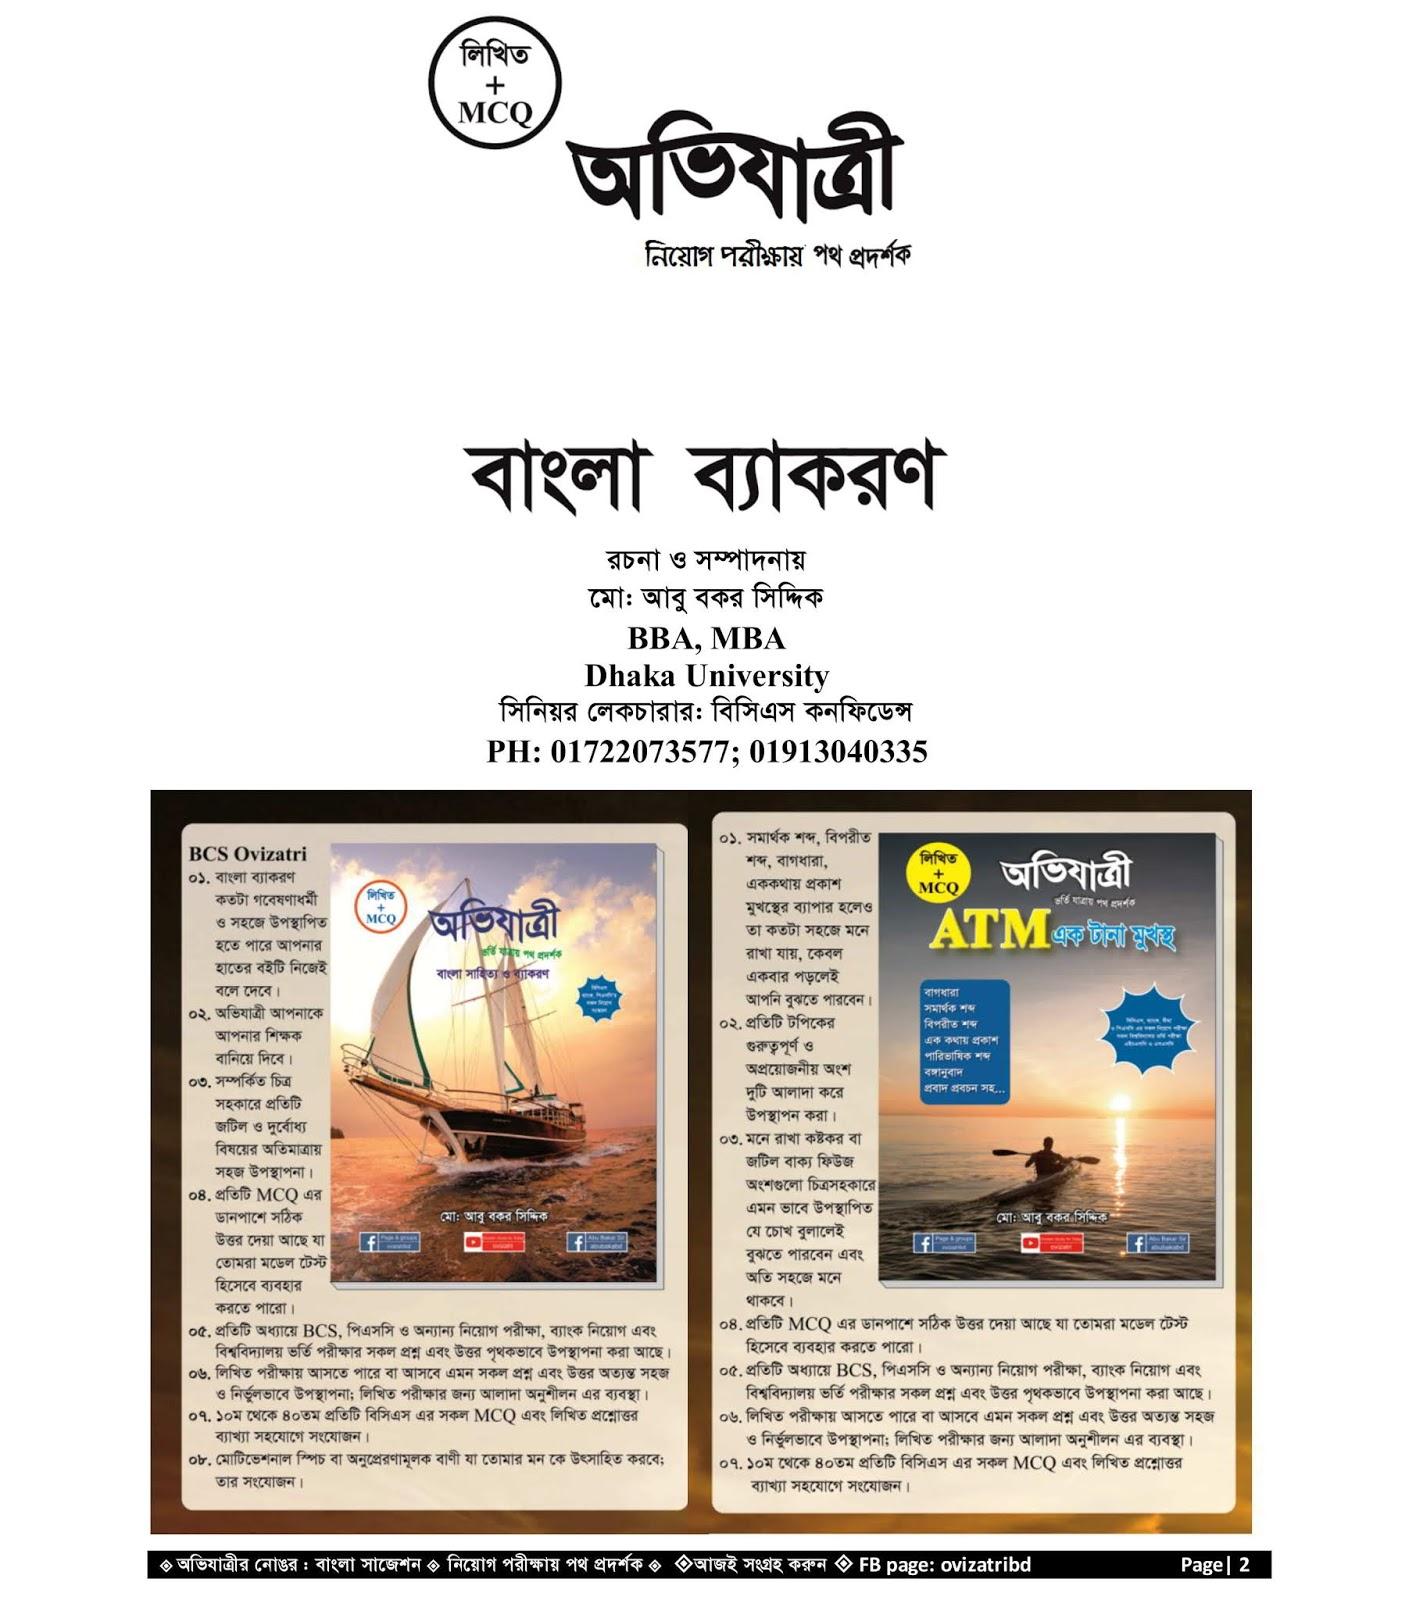 অভিযাত্রী বাংলা ব্যাকরণ |PDF ফাইল